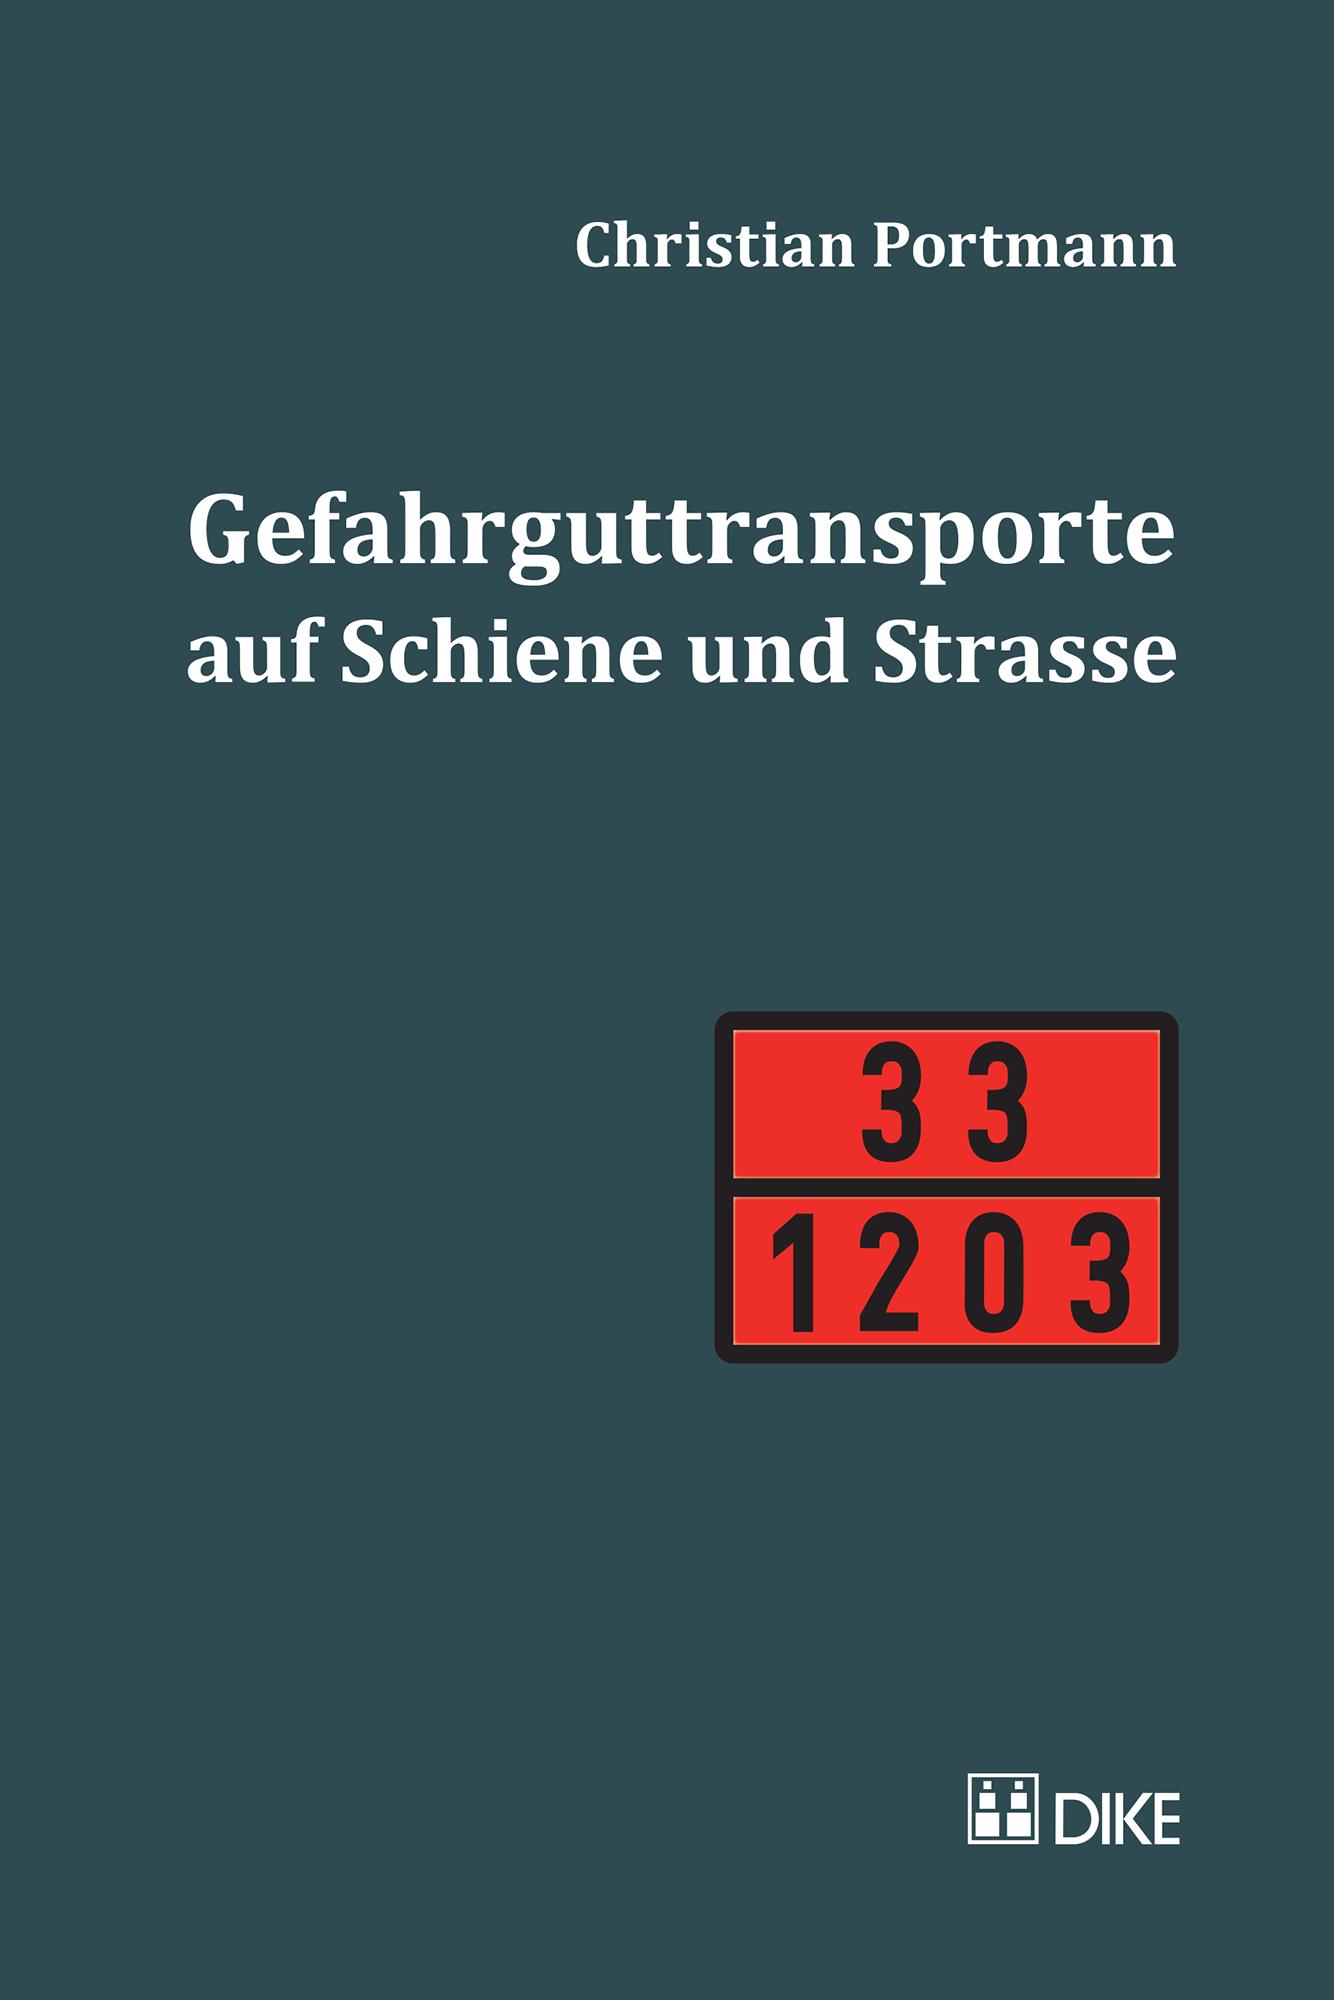 Gefahrguttransporte auf Schiene und Strasse